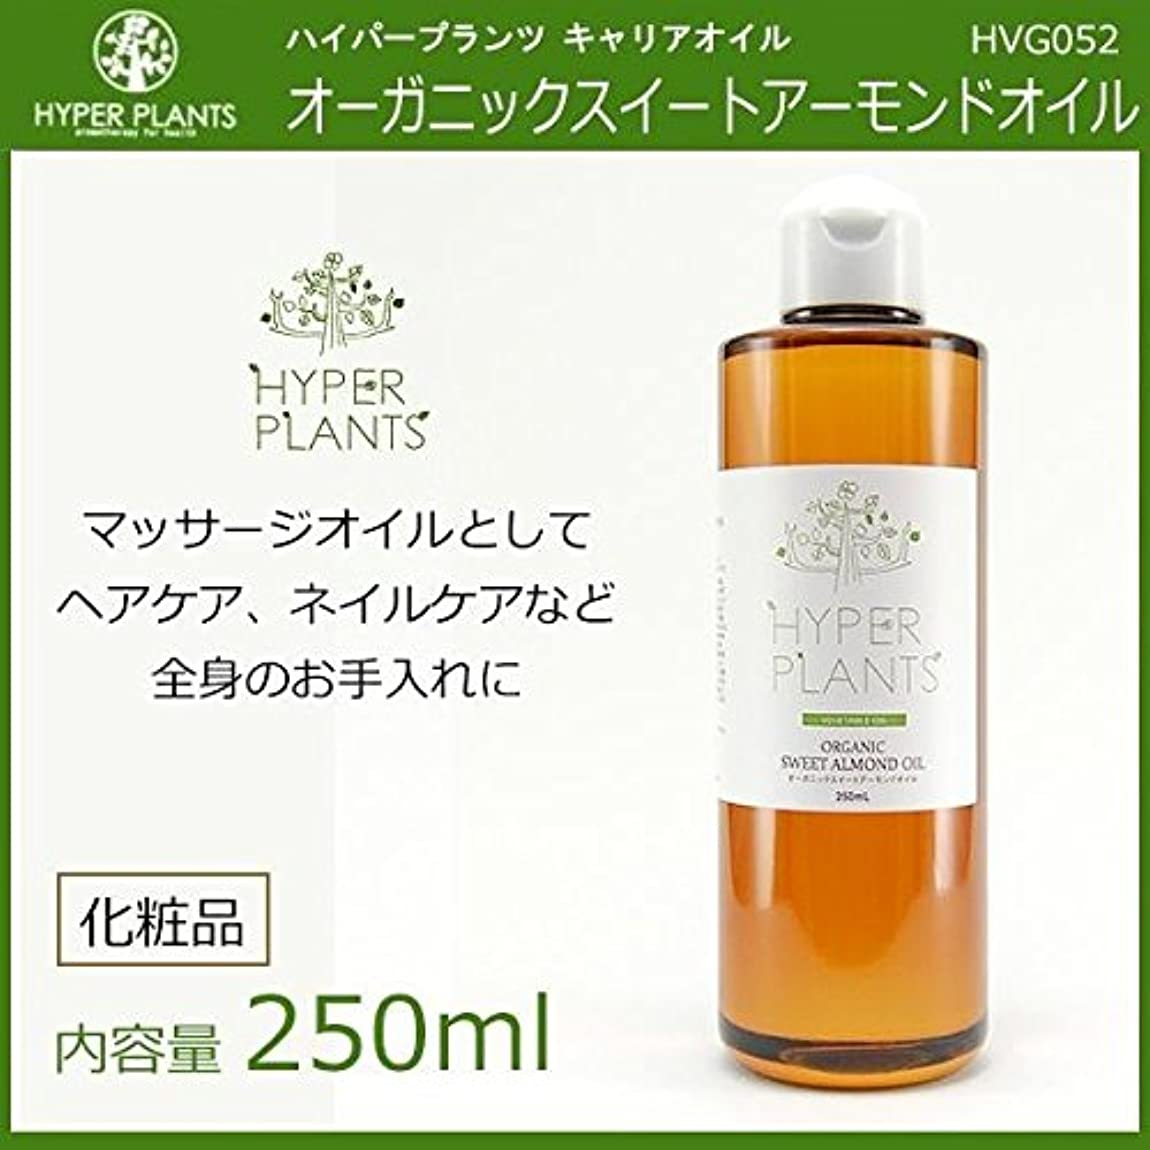 夕方サミュエル形容詞HYPER PLANTS ハイパープランツ キャリアオイル オーガニックスイートアーモンドオイル 250ml HVG052